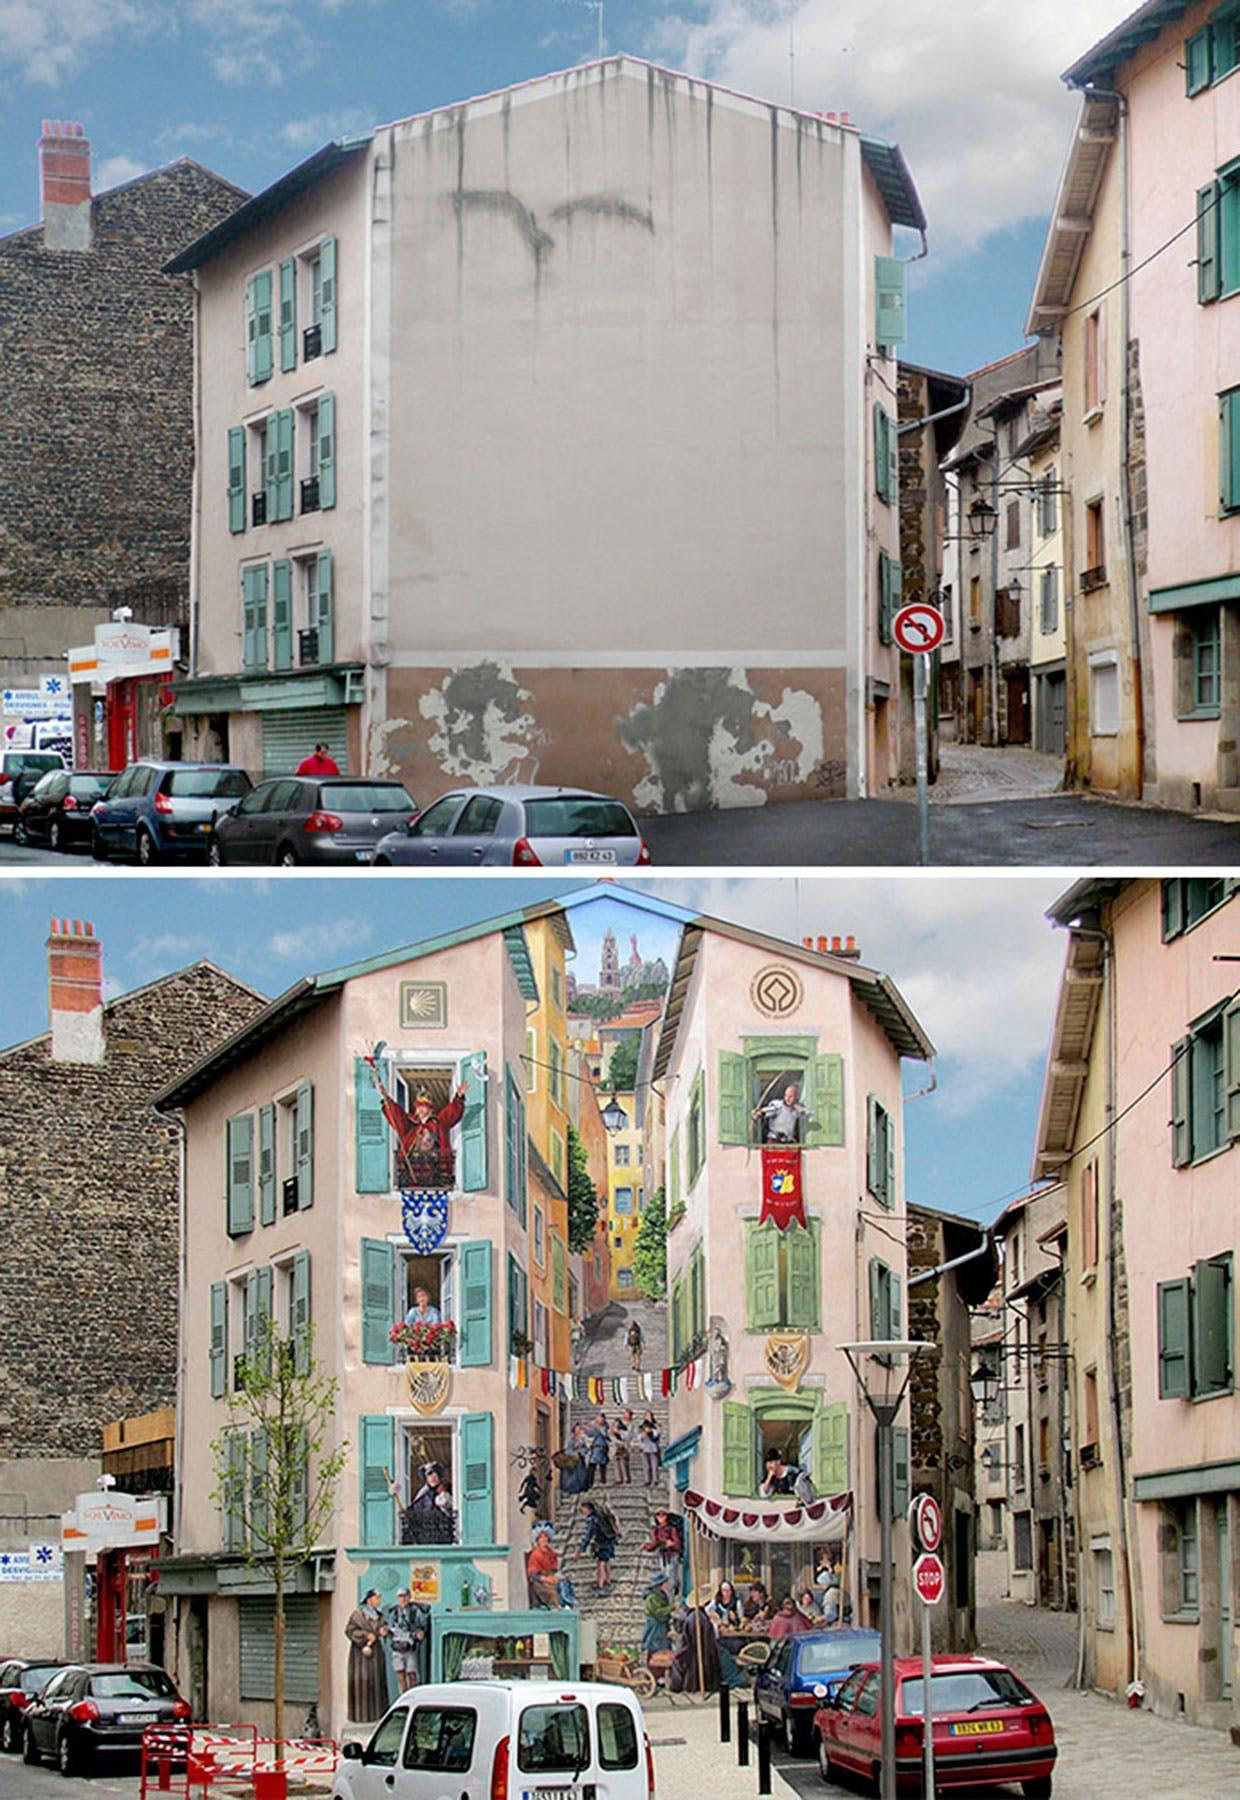 Synsbedrag i Le Puy-en-Velay